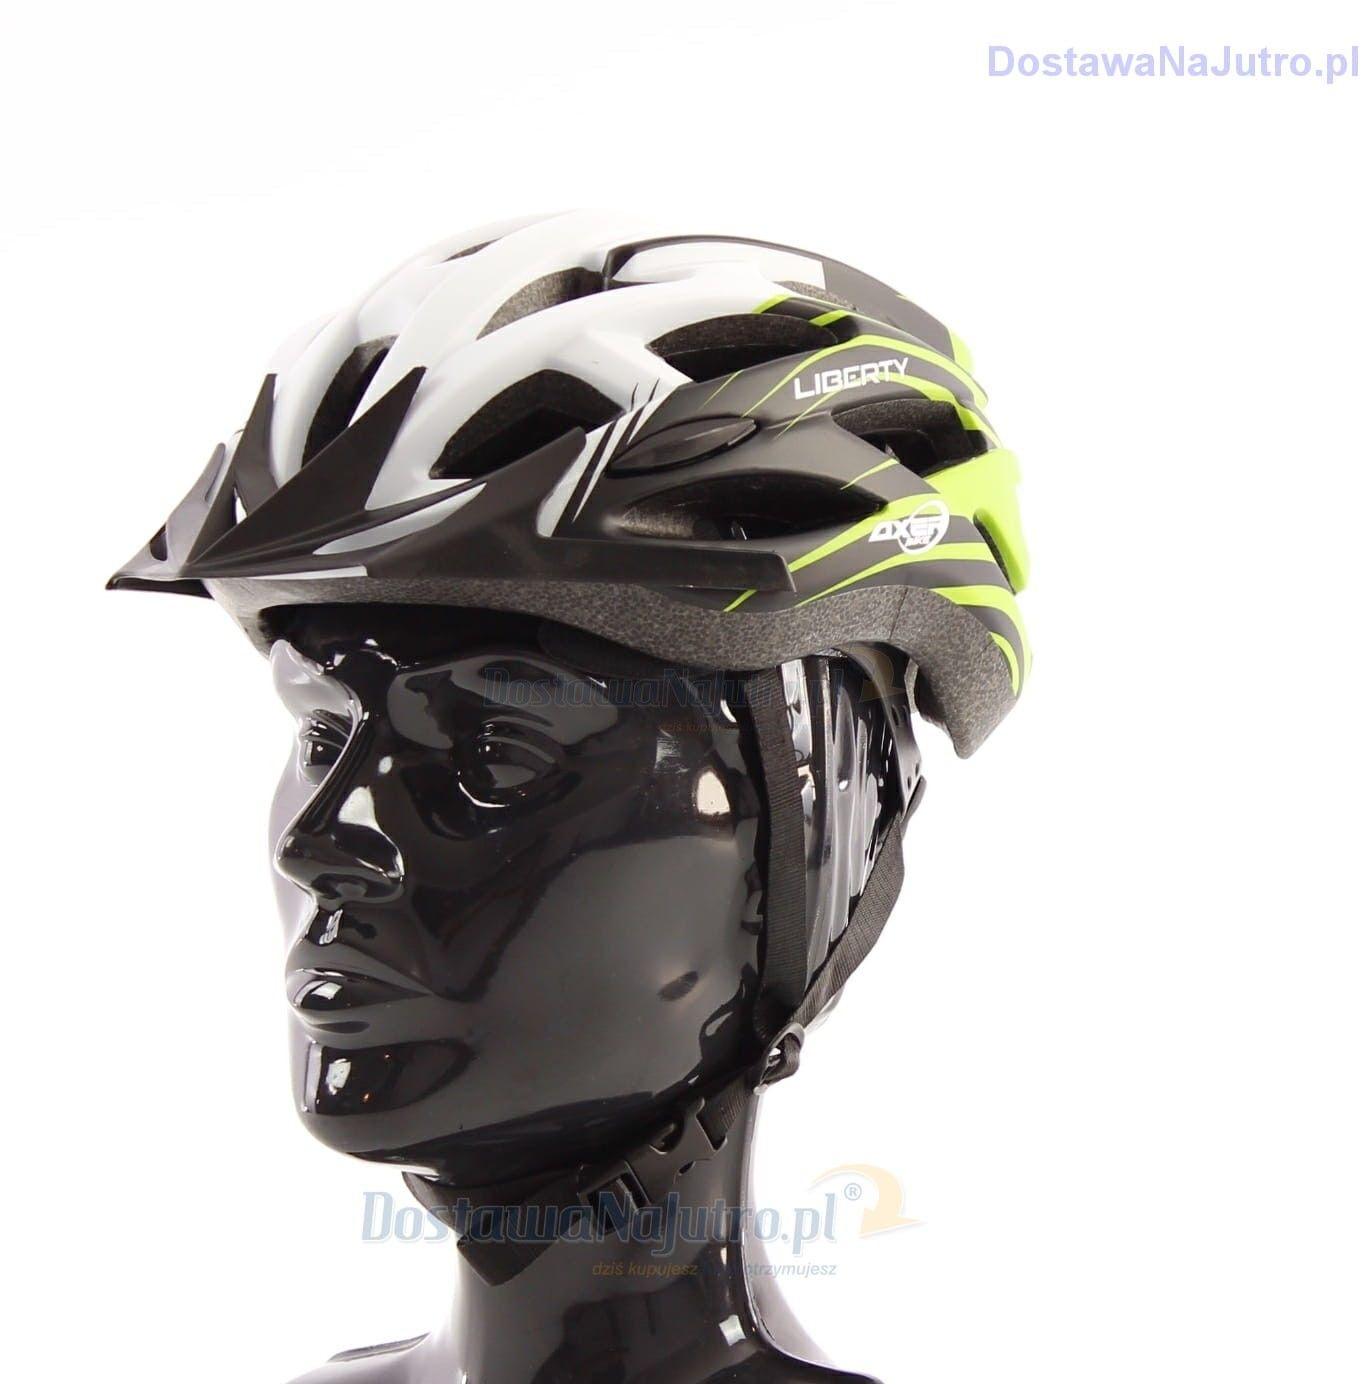 Kask rowerowy AXER LIBERTY GREEN/WHITE z daszkiem